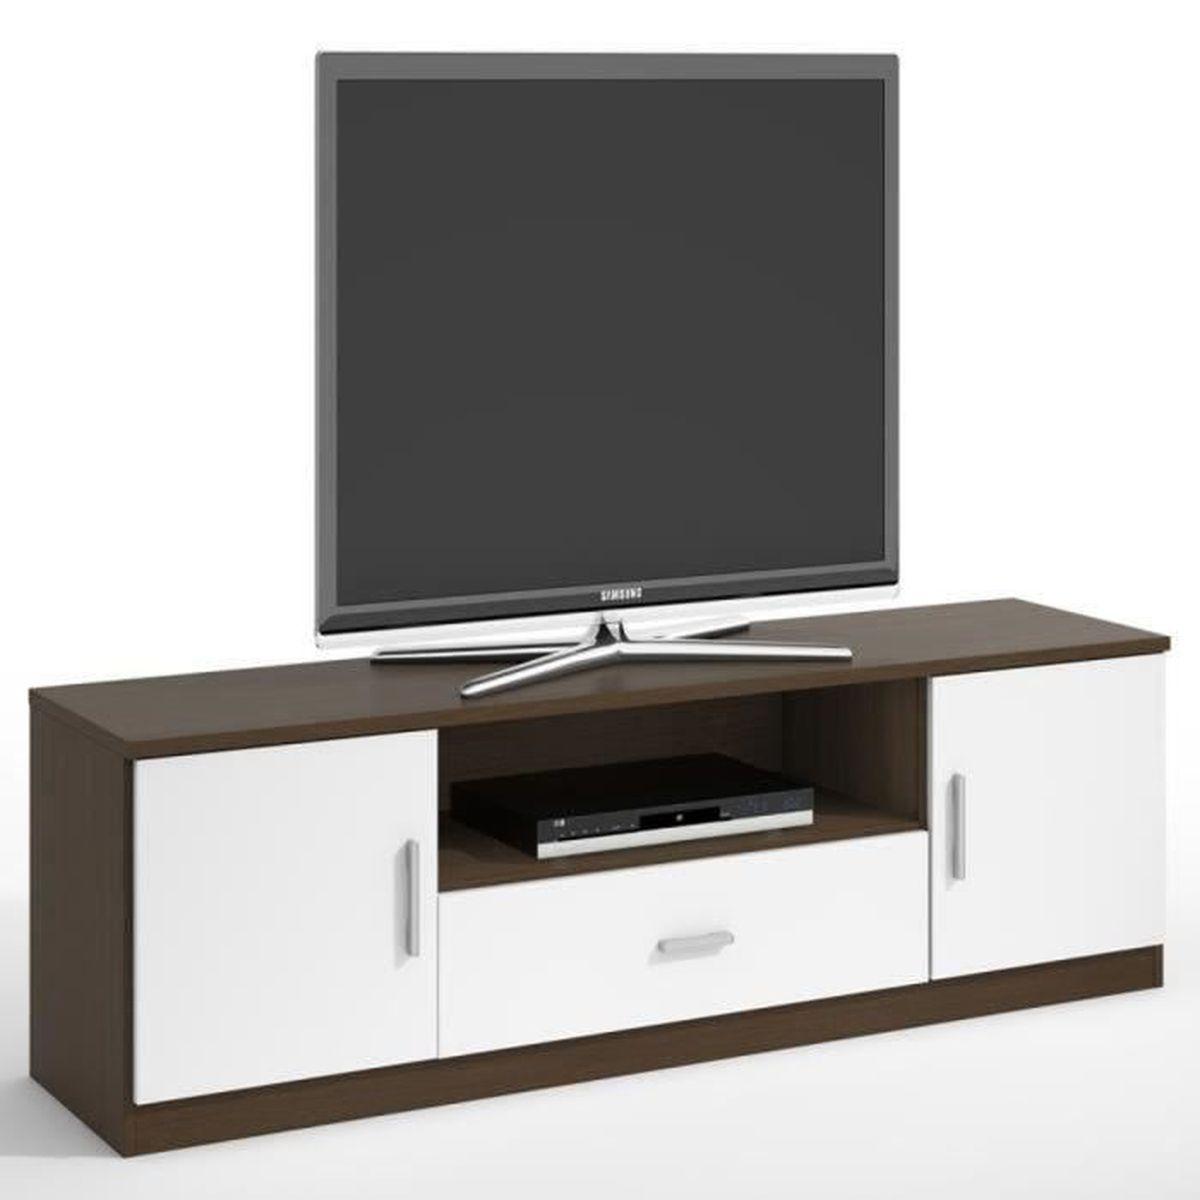 Meuble tv emily avec 2 portes et 1 tiroir coloris weng - Meuble tv wenge et verre ...